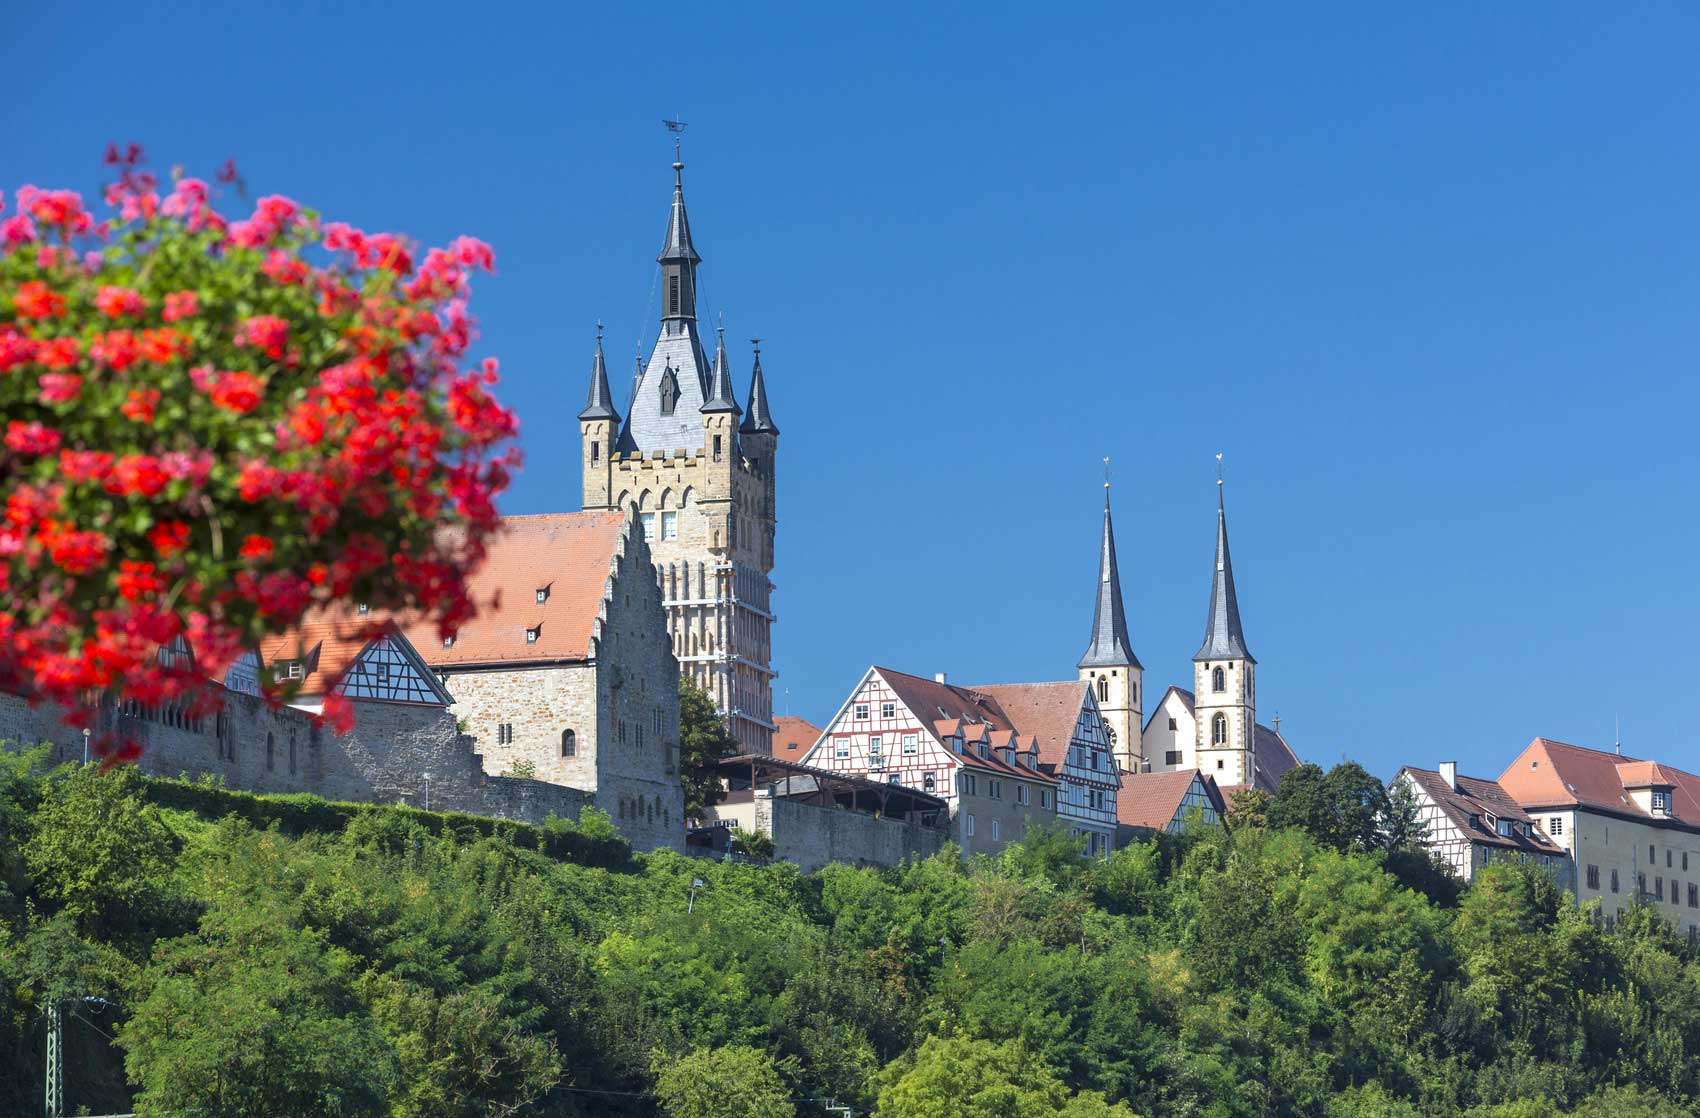 Neckartal / Schwäbisches Burgenland